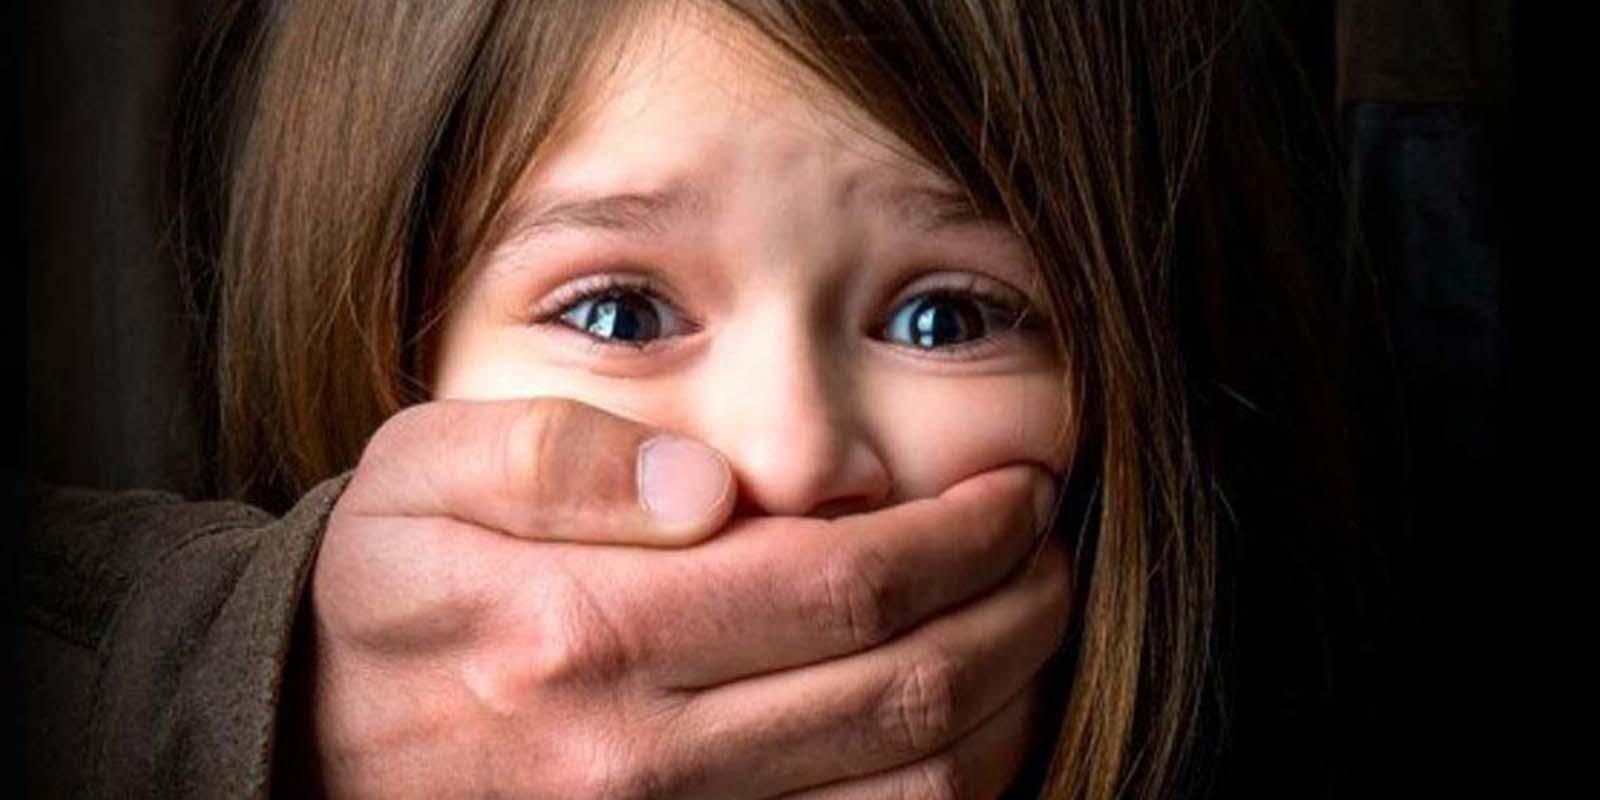 Cinsel istismardan 28 buçuk yıl hapis cezası almıştı: Eşinin yeğenine istismar suçuyla yargılanan zanlıya Şevkat Yerimdar beraatı!